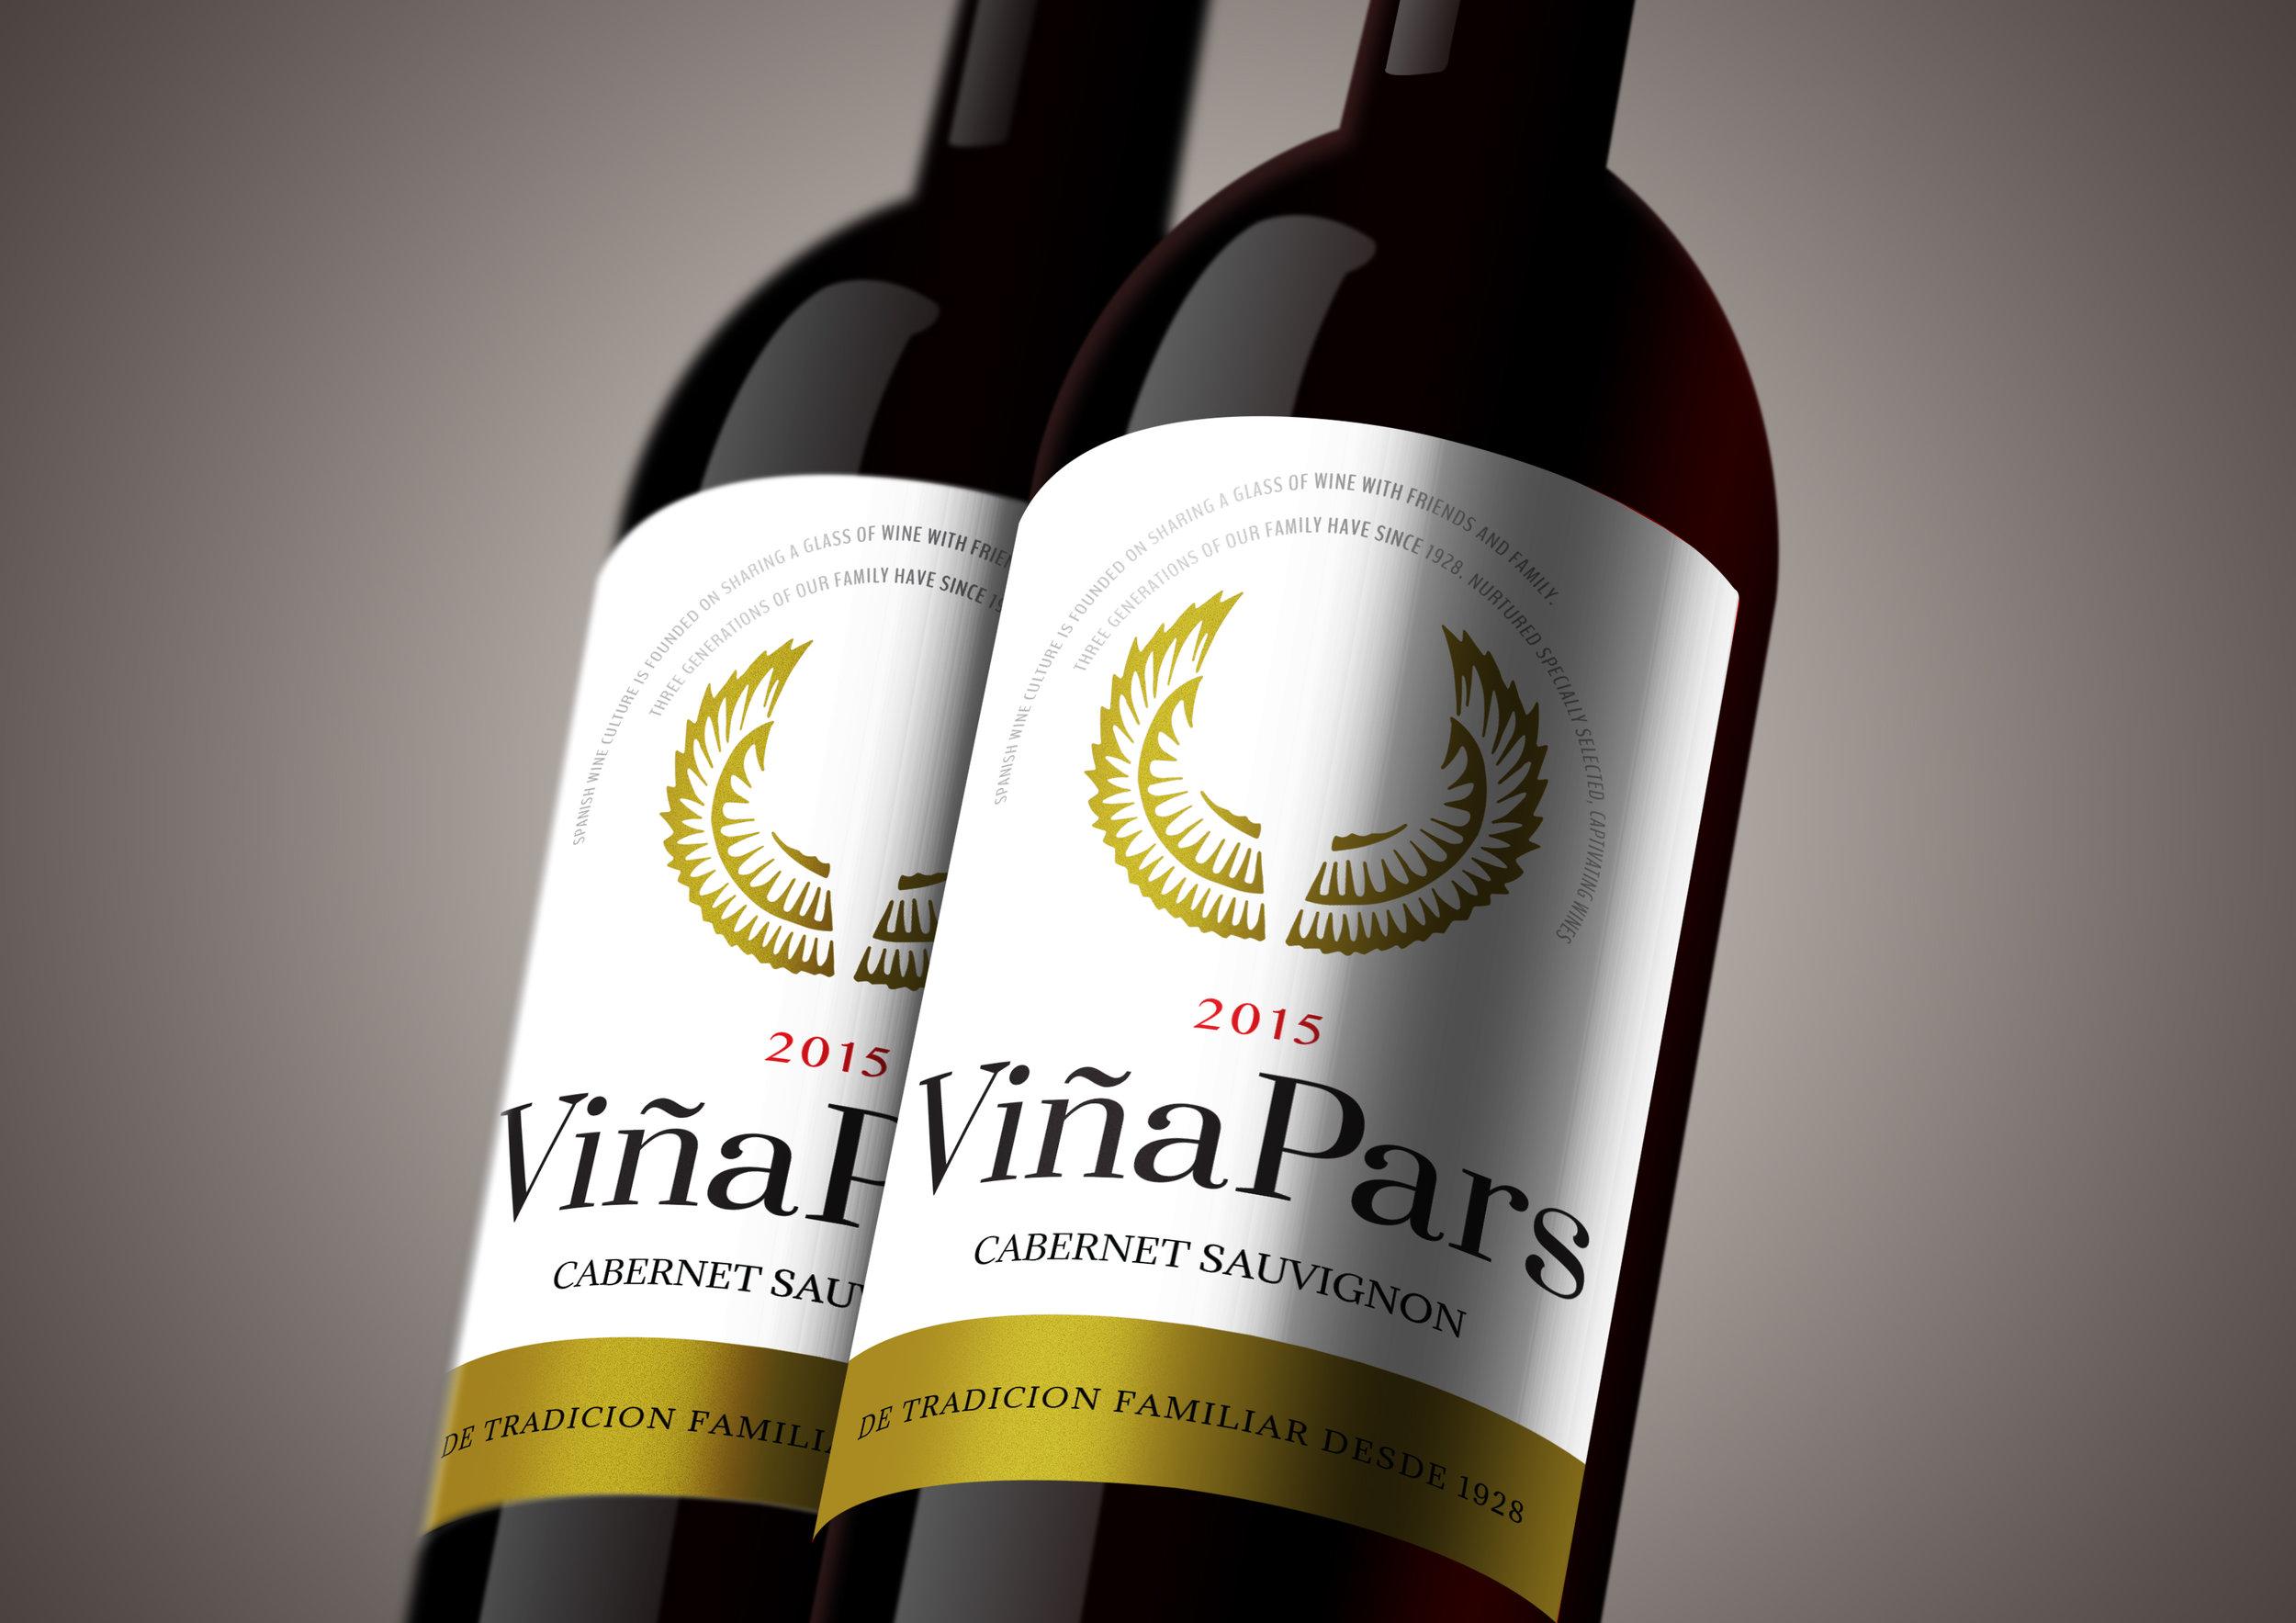 VinaPars 2 bottle shot.jpg